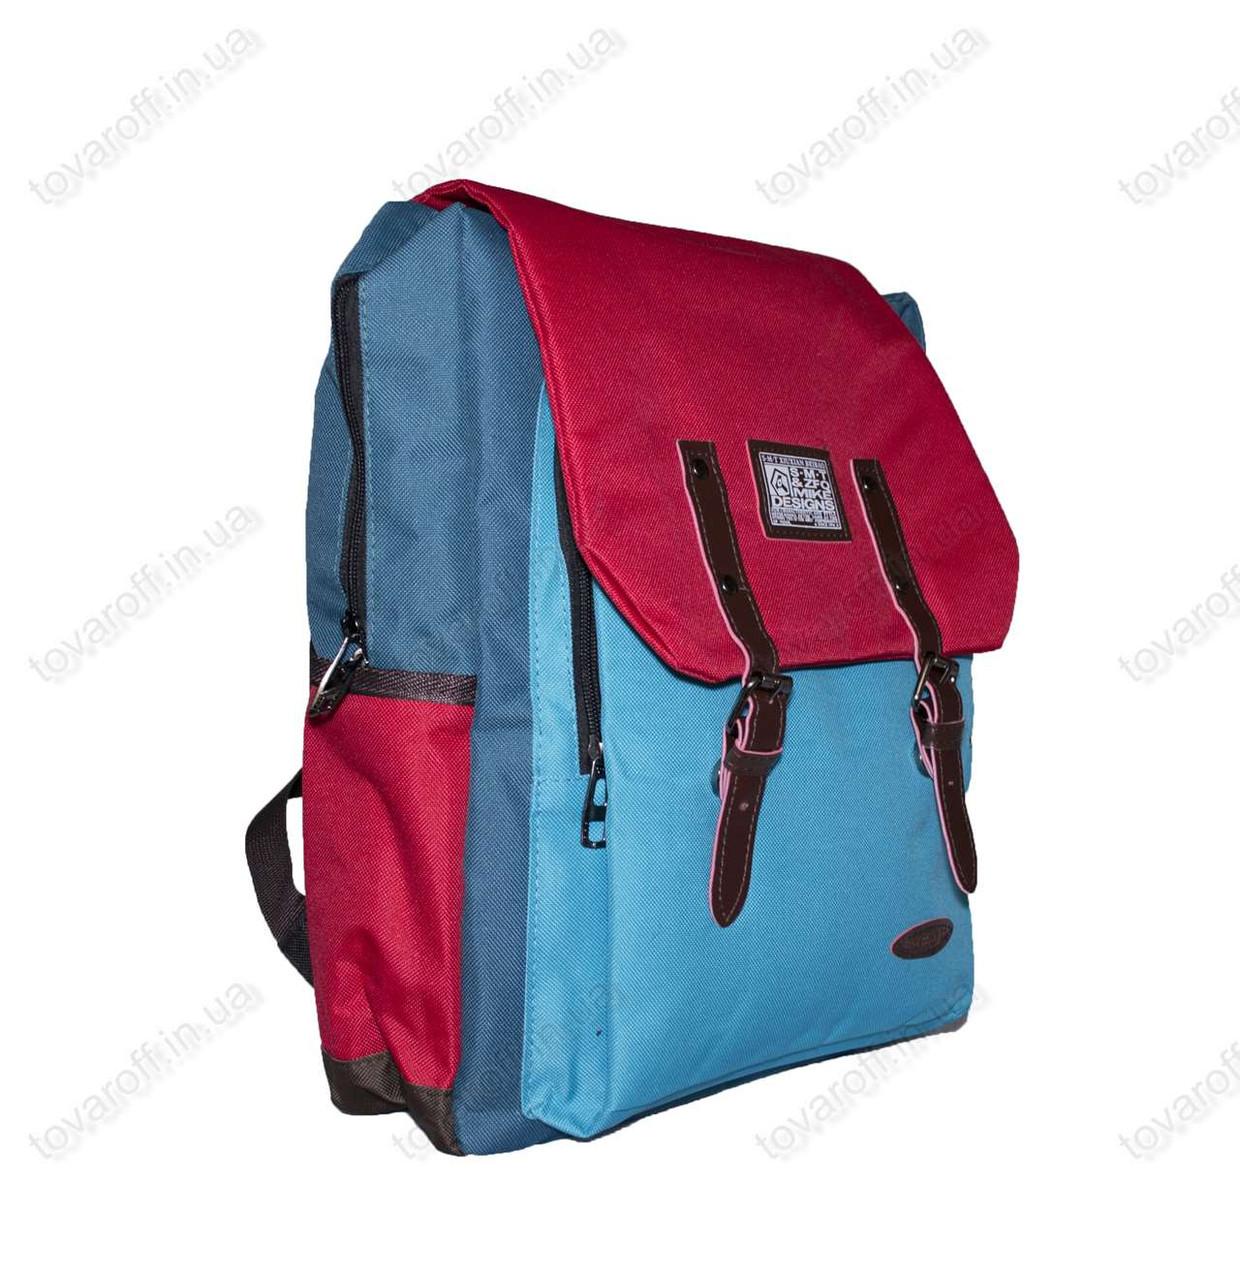 Рюкзак школьный/спортивный цветной - Красно-голубой - 988